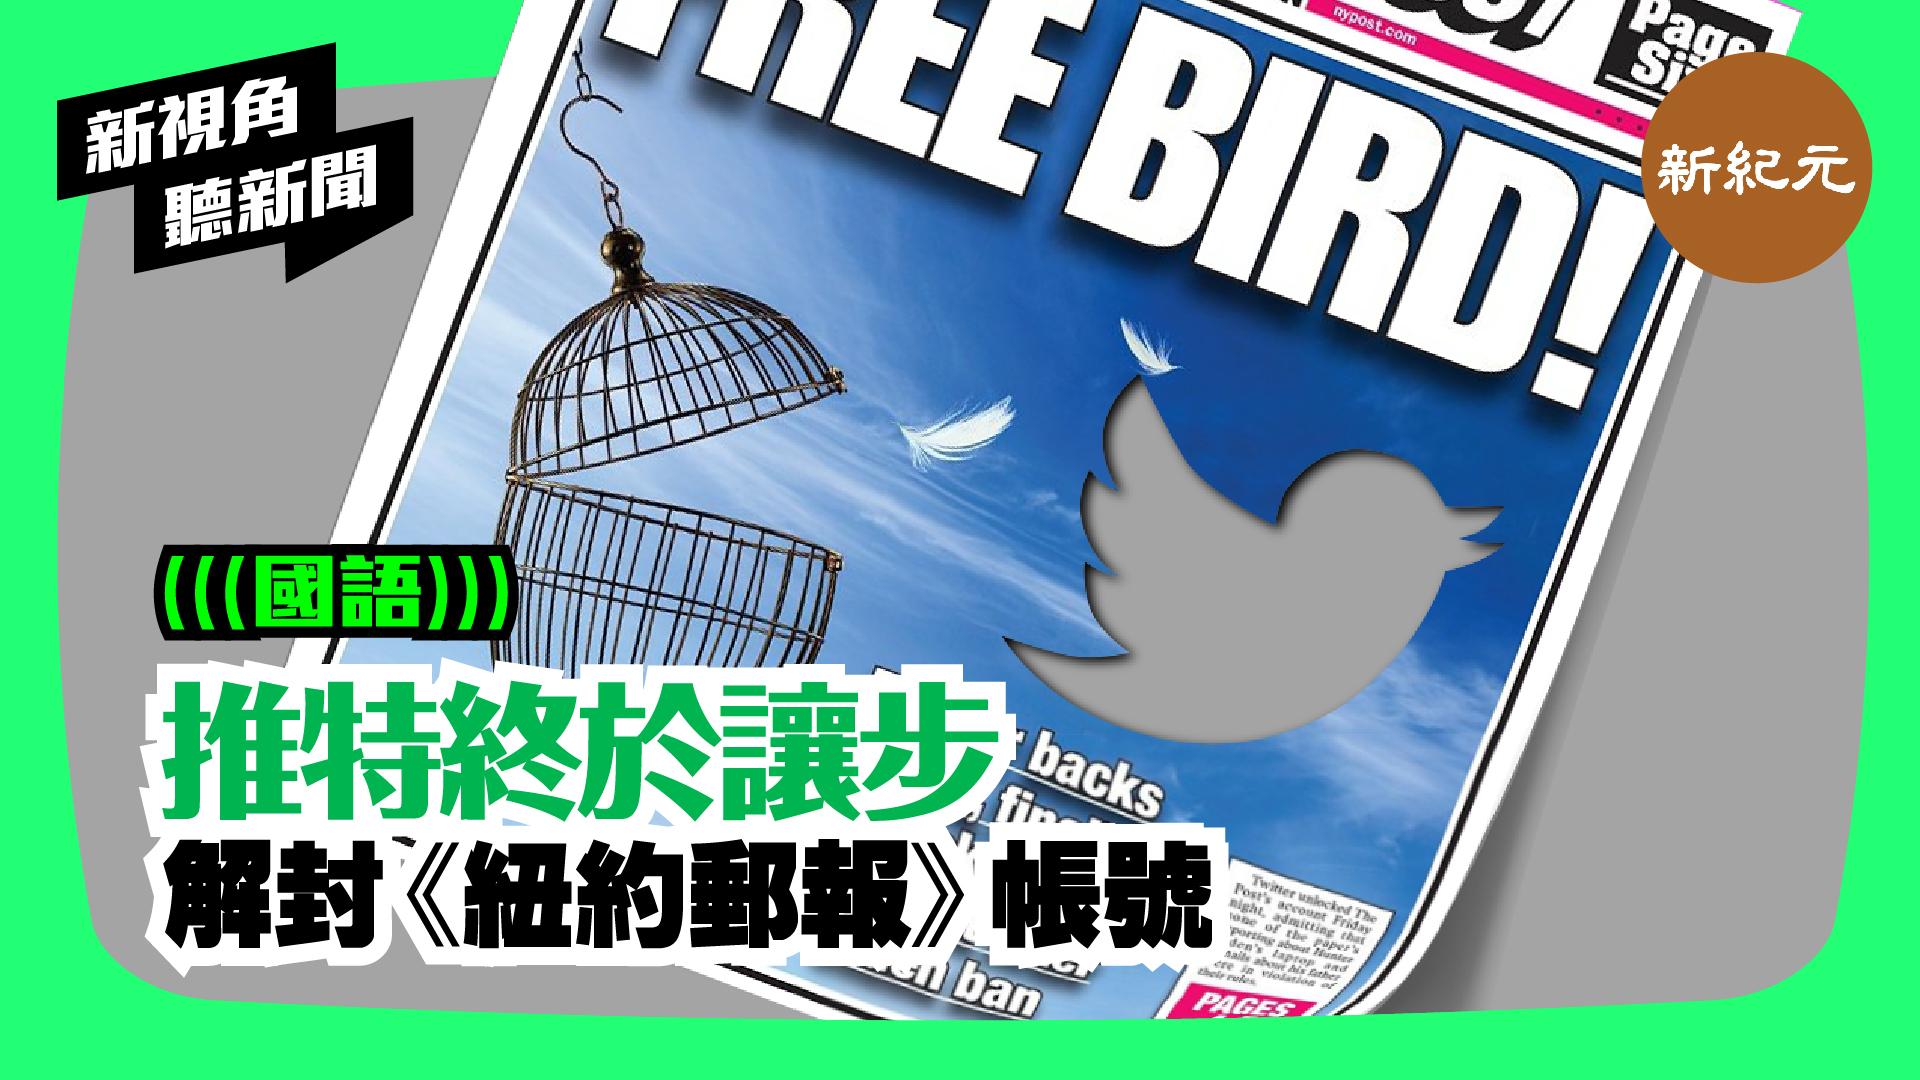 【新視角聽新聞 #66】推特終於讓步 解封《紐約郵報》帳號